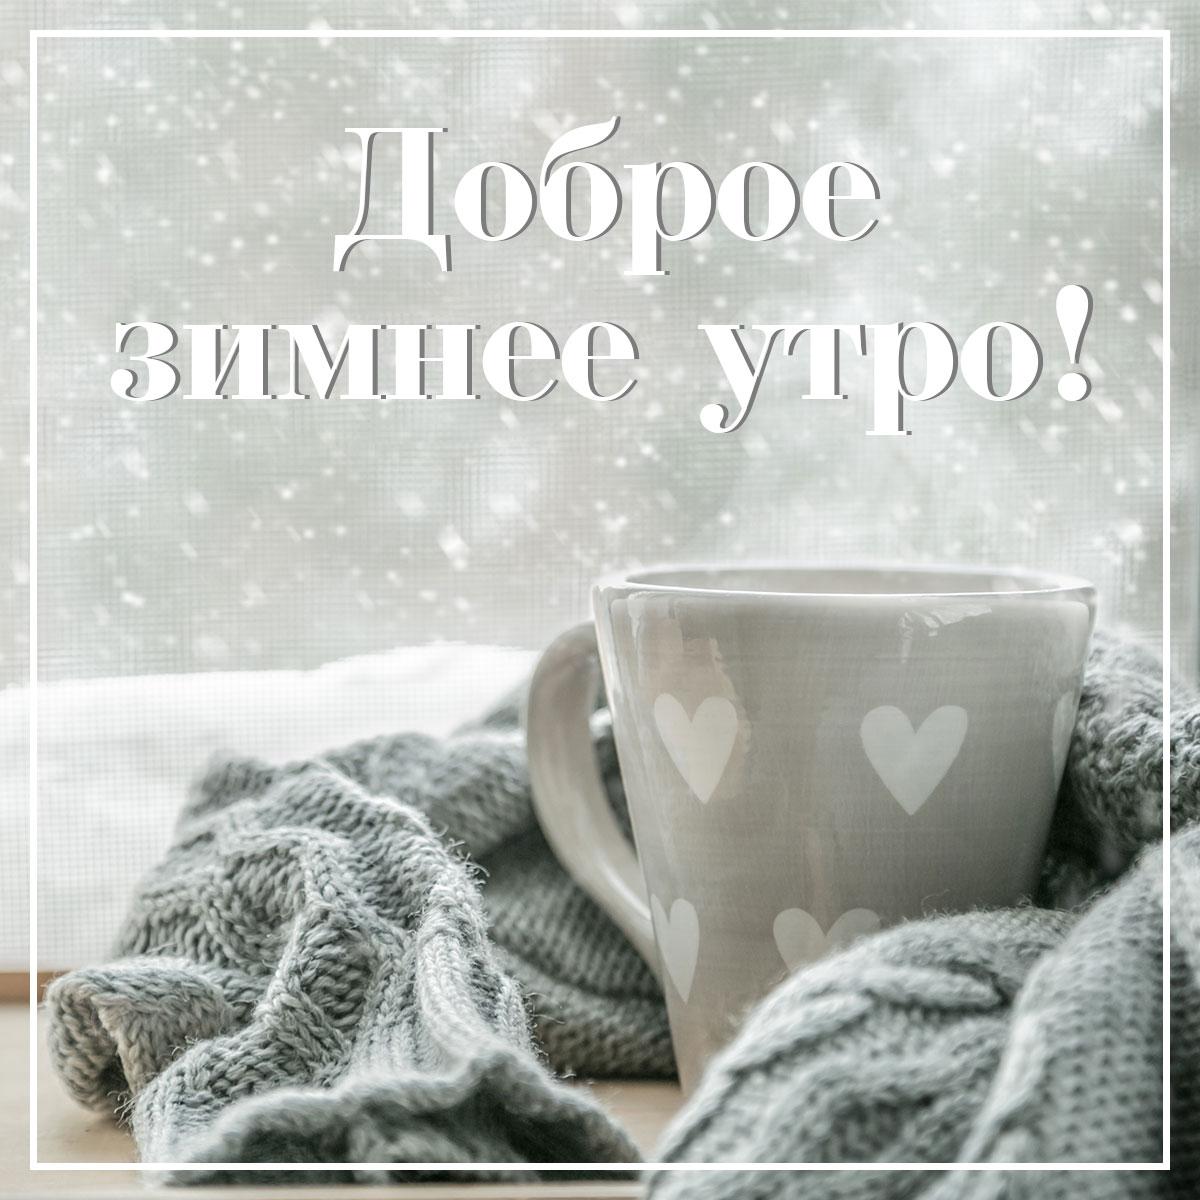 Фото картинка с текстом доброе зимнее утро: серая чайная кружка и вязаный шарф на фоне окна со снегопадом.